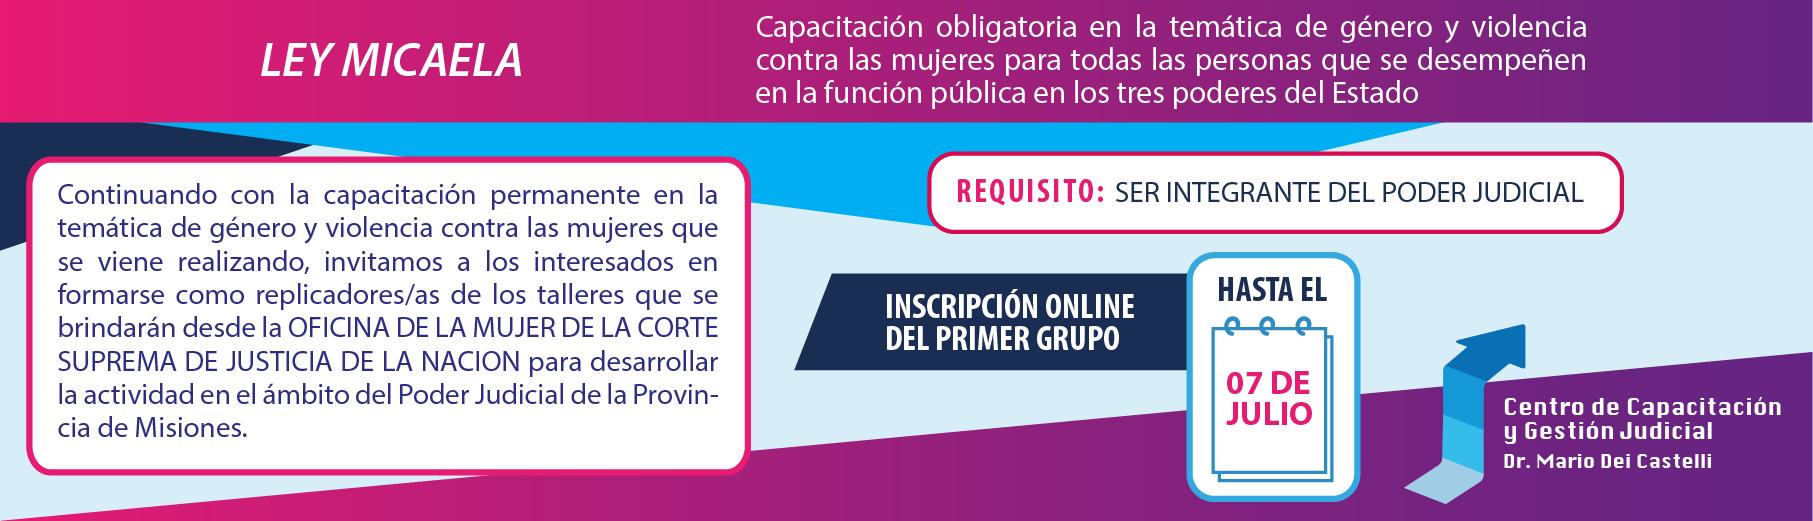 Inscripción para formarse como replicadores/as de la OFICINA DE LA MUJER DE LA CSJN